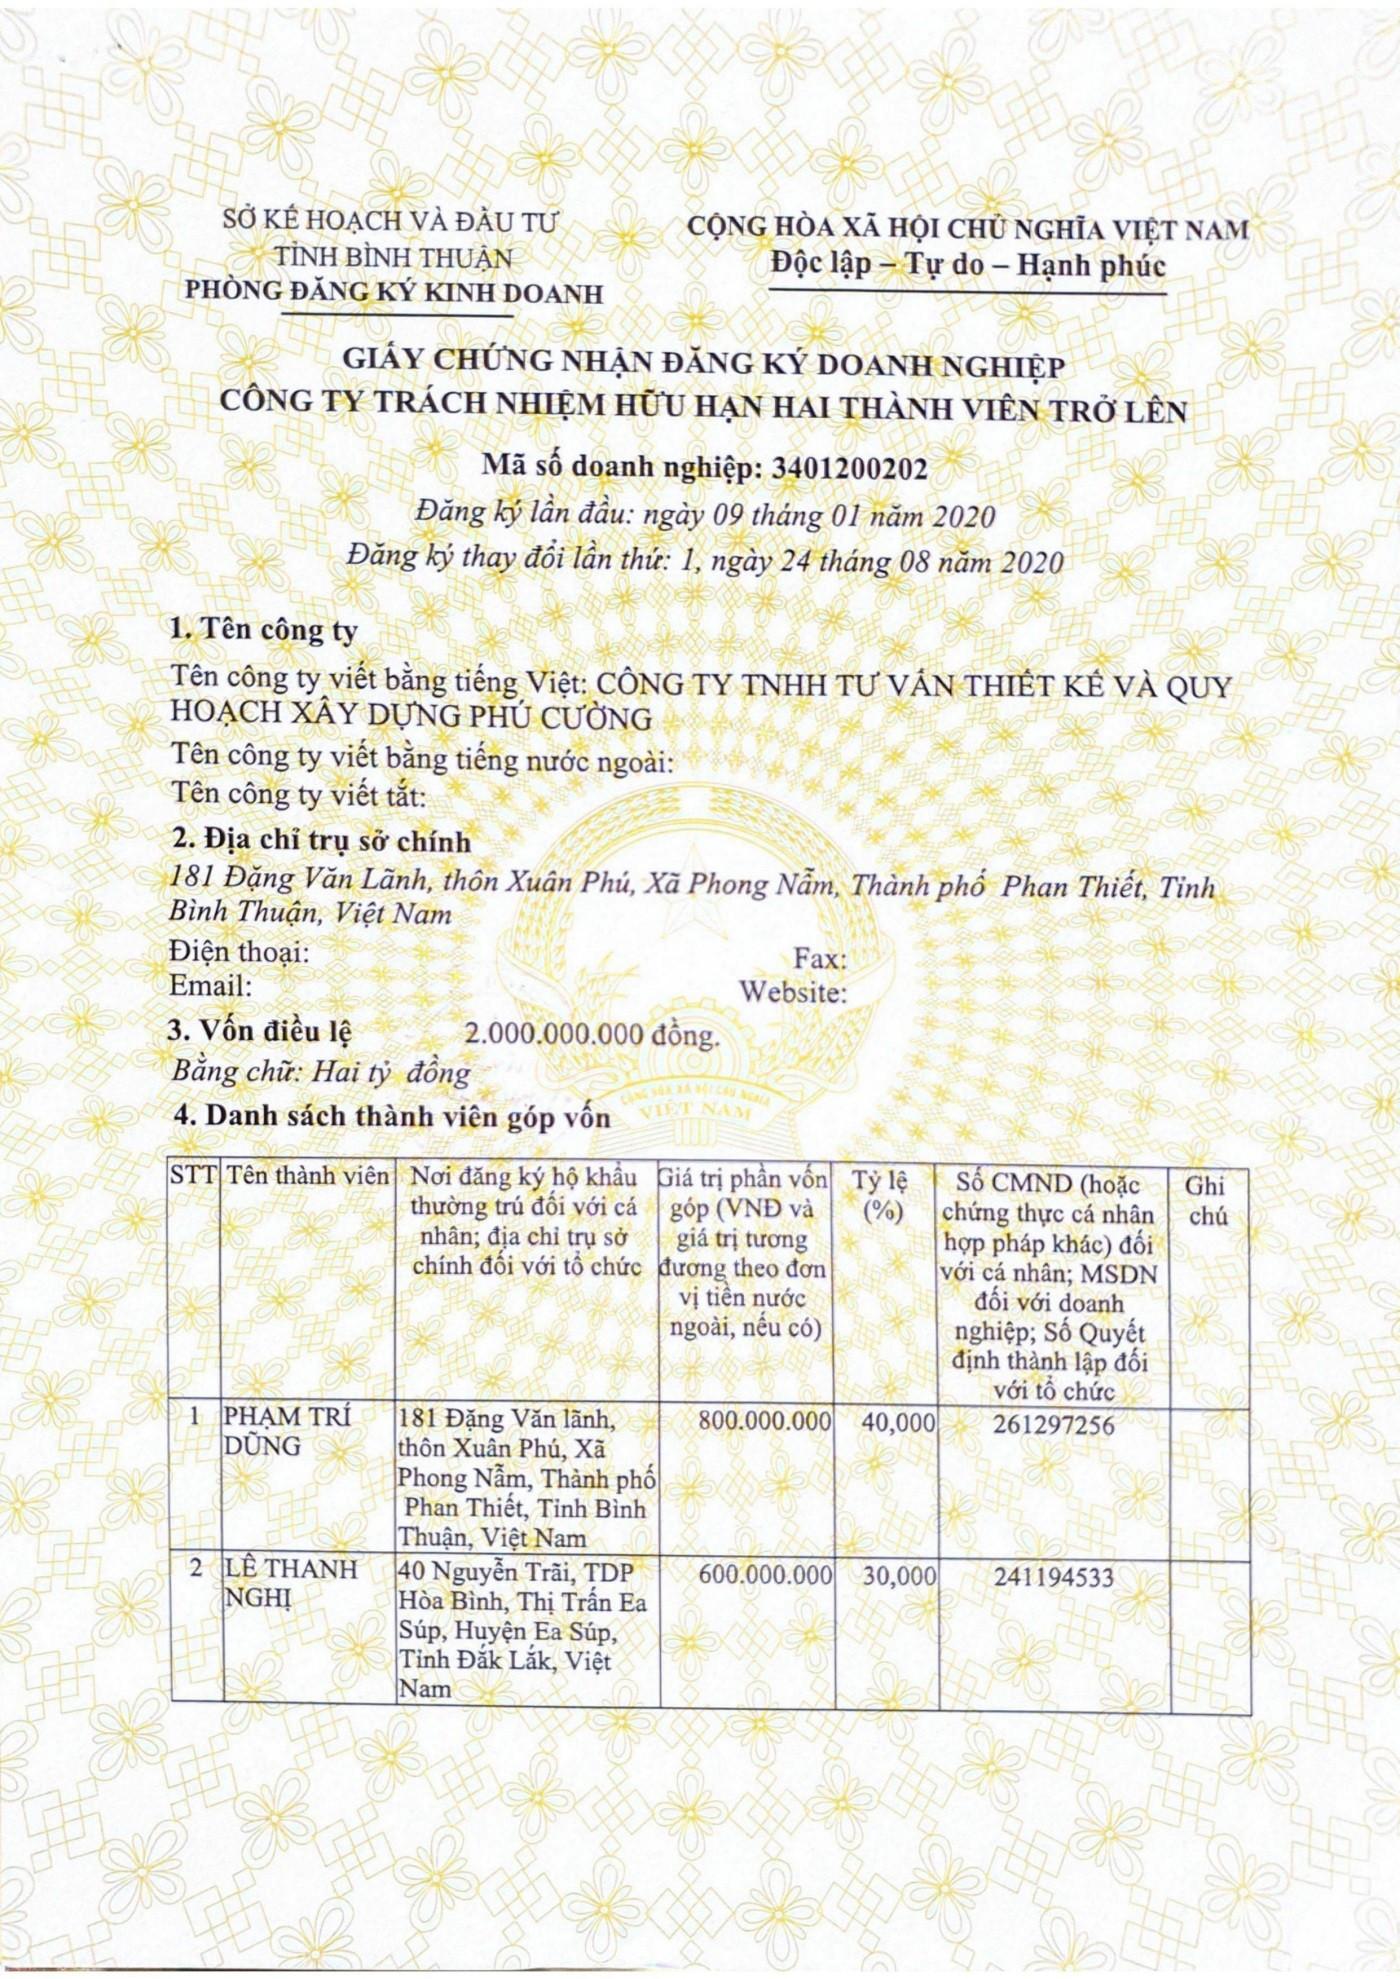 Công ty TNHH Tư vấn Thiết kế & Quy hoạch Xây dựng Phú Cường